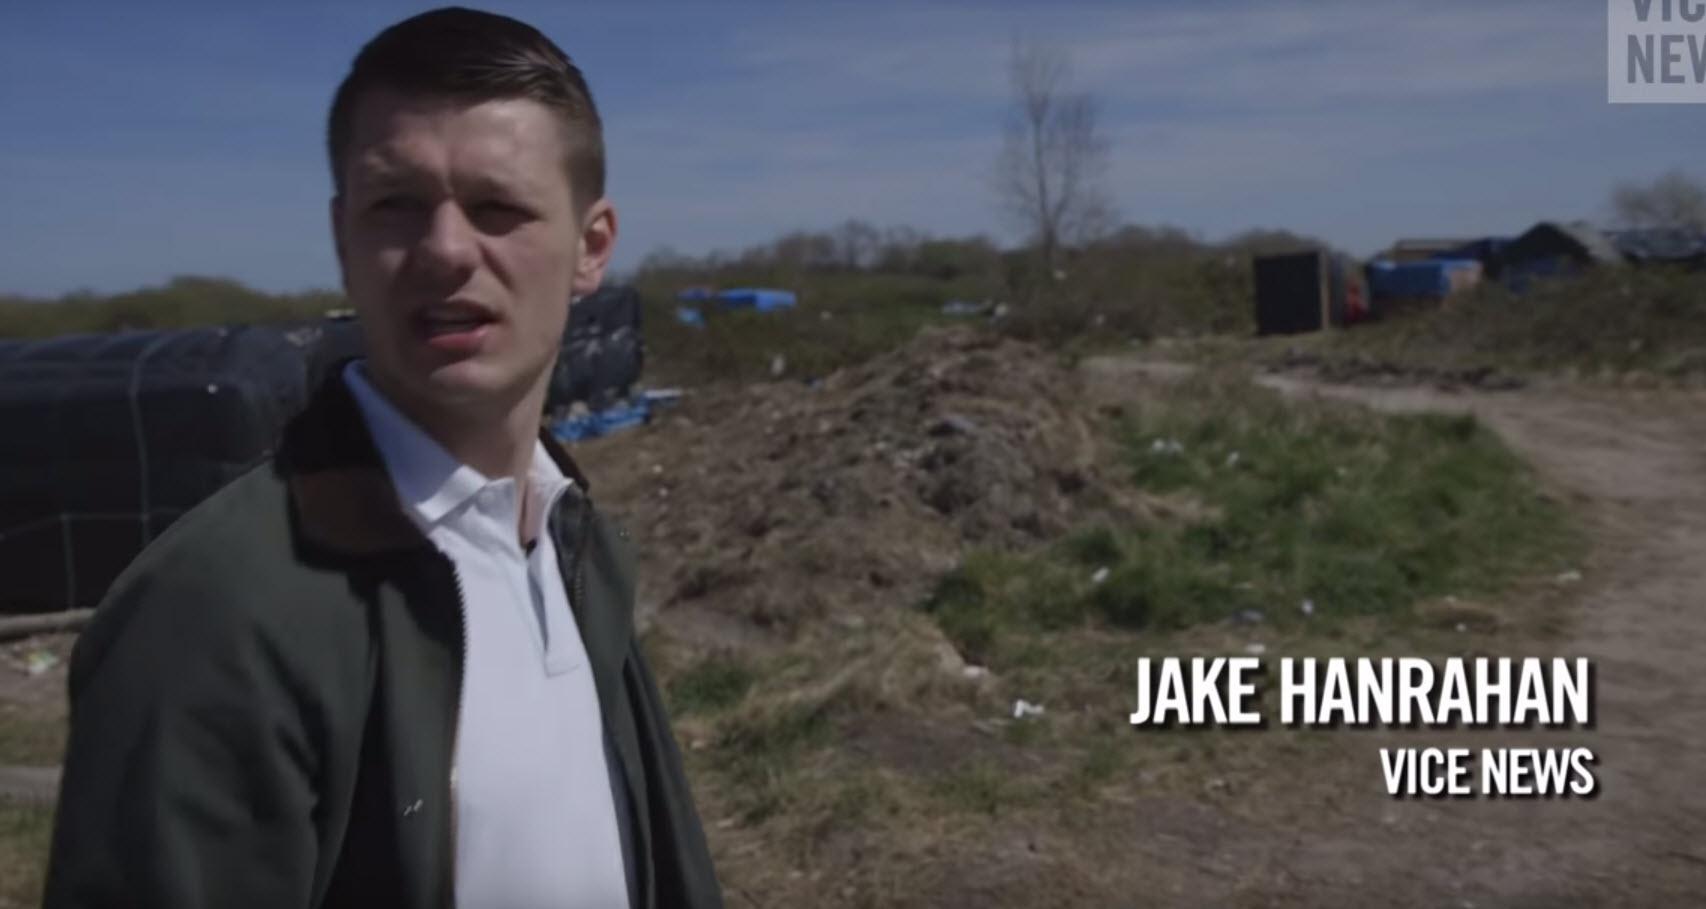 Jake Hanrahan